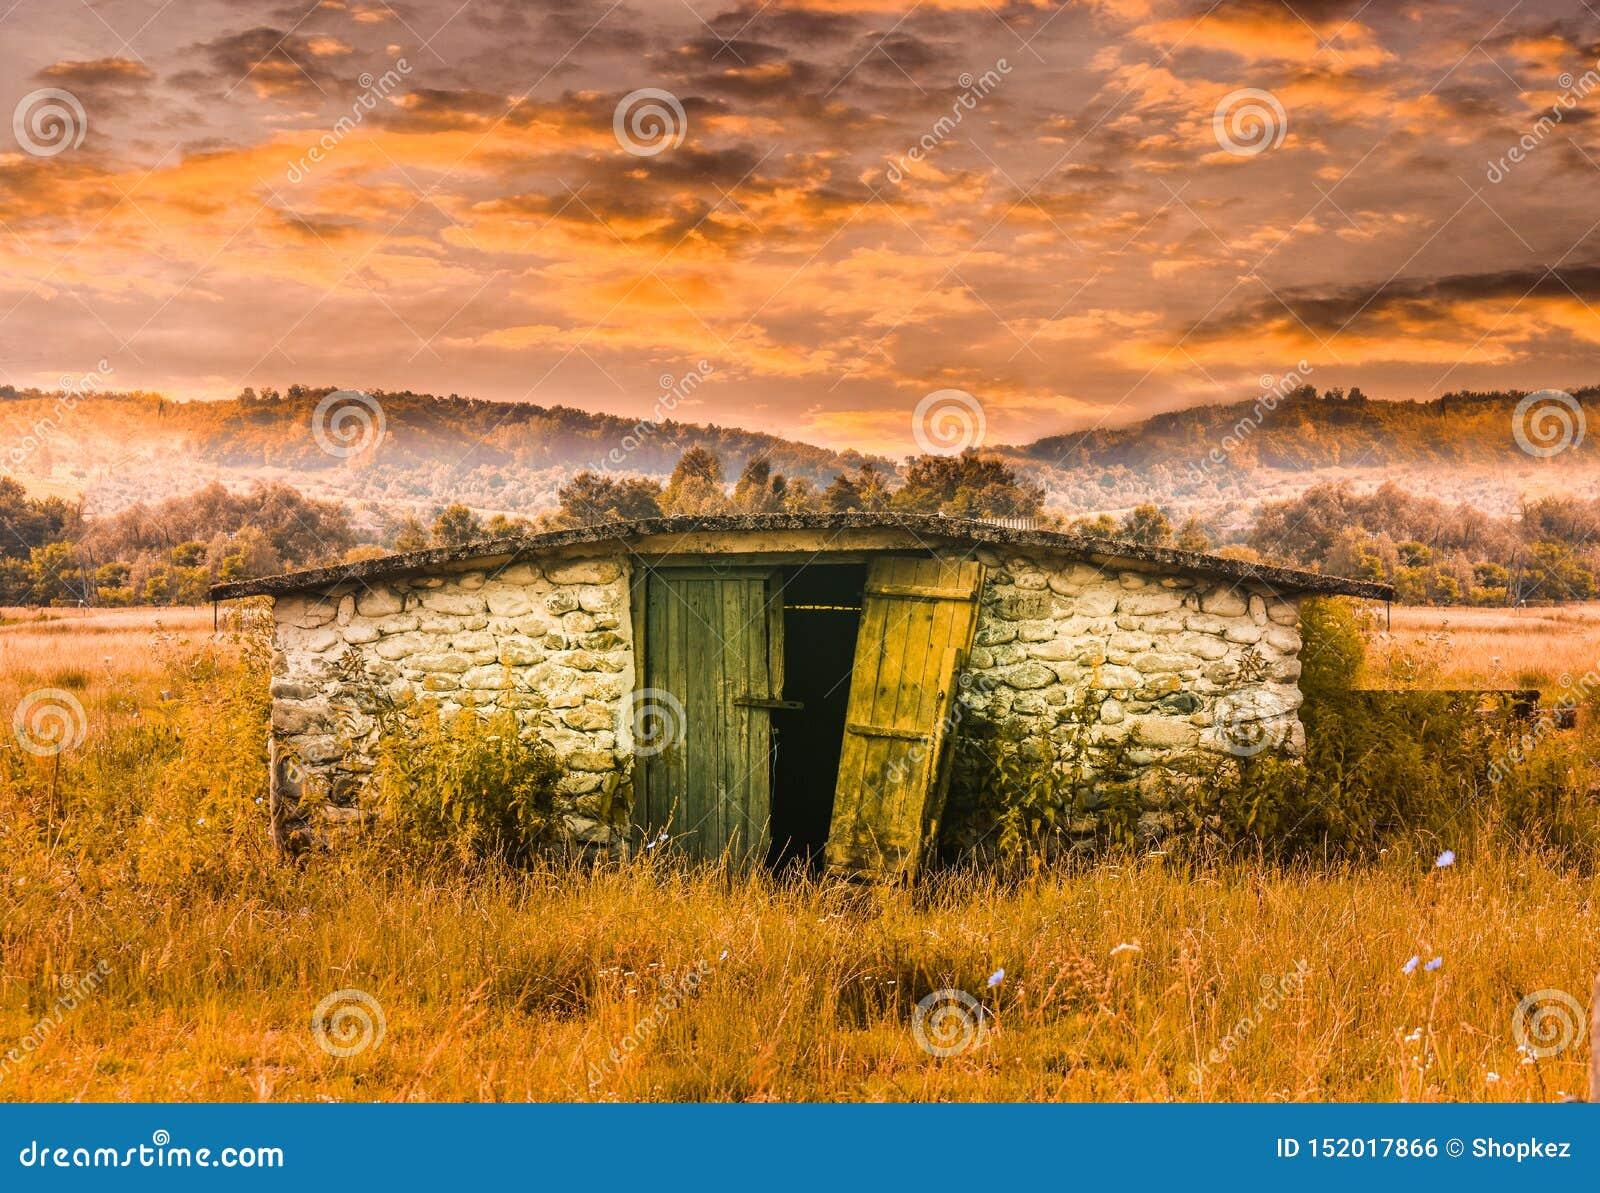 Kamienny stajnia budynek w trawy polu przy zmierzchem Zaniechana stara jata w bajki scenie Projektująca akcyjna fotografia z wsią